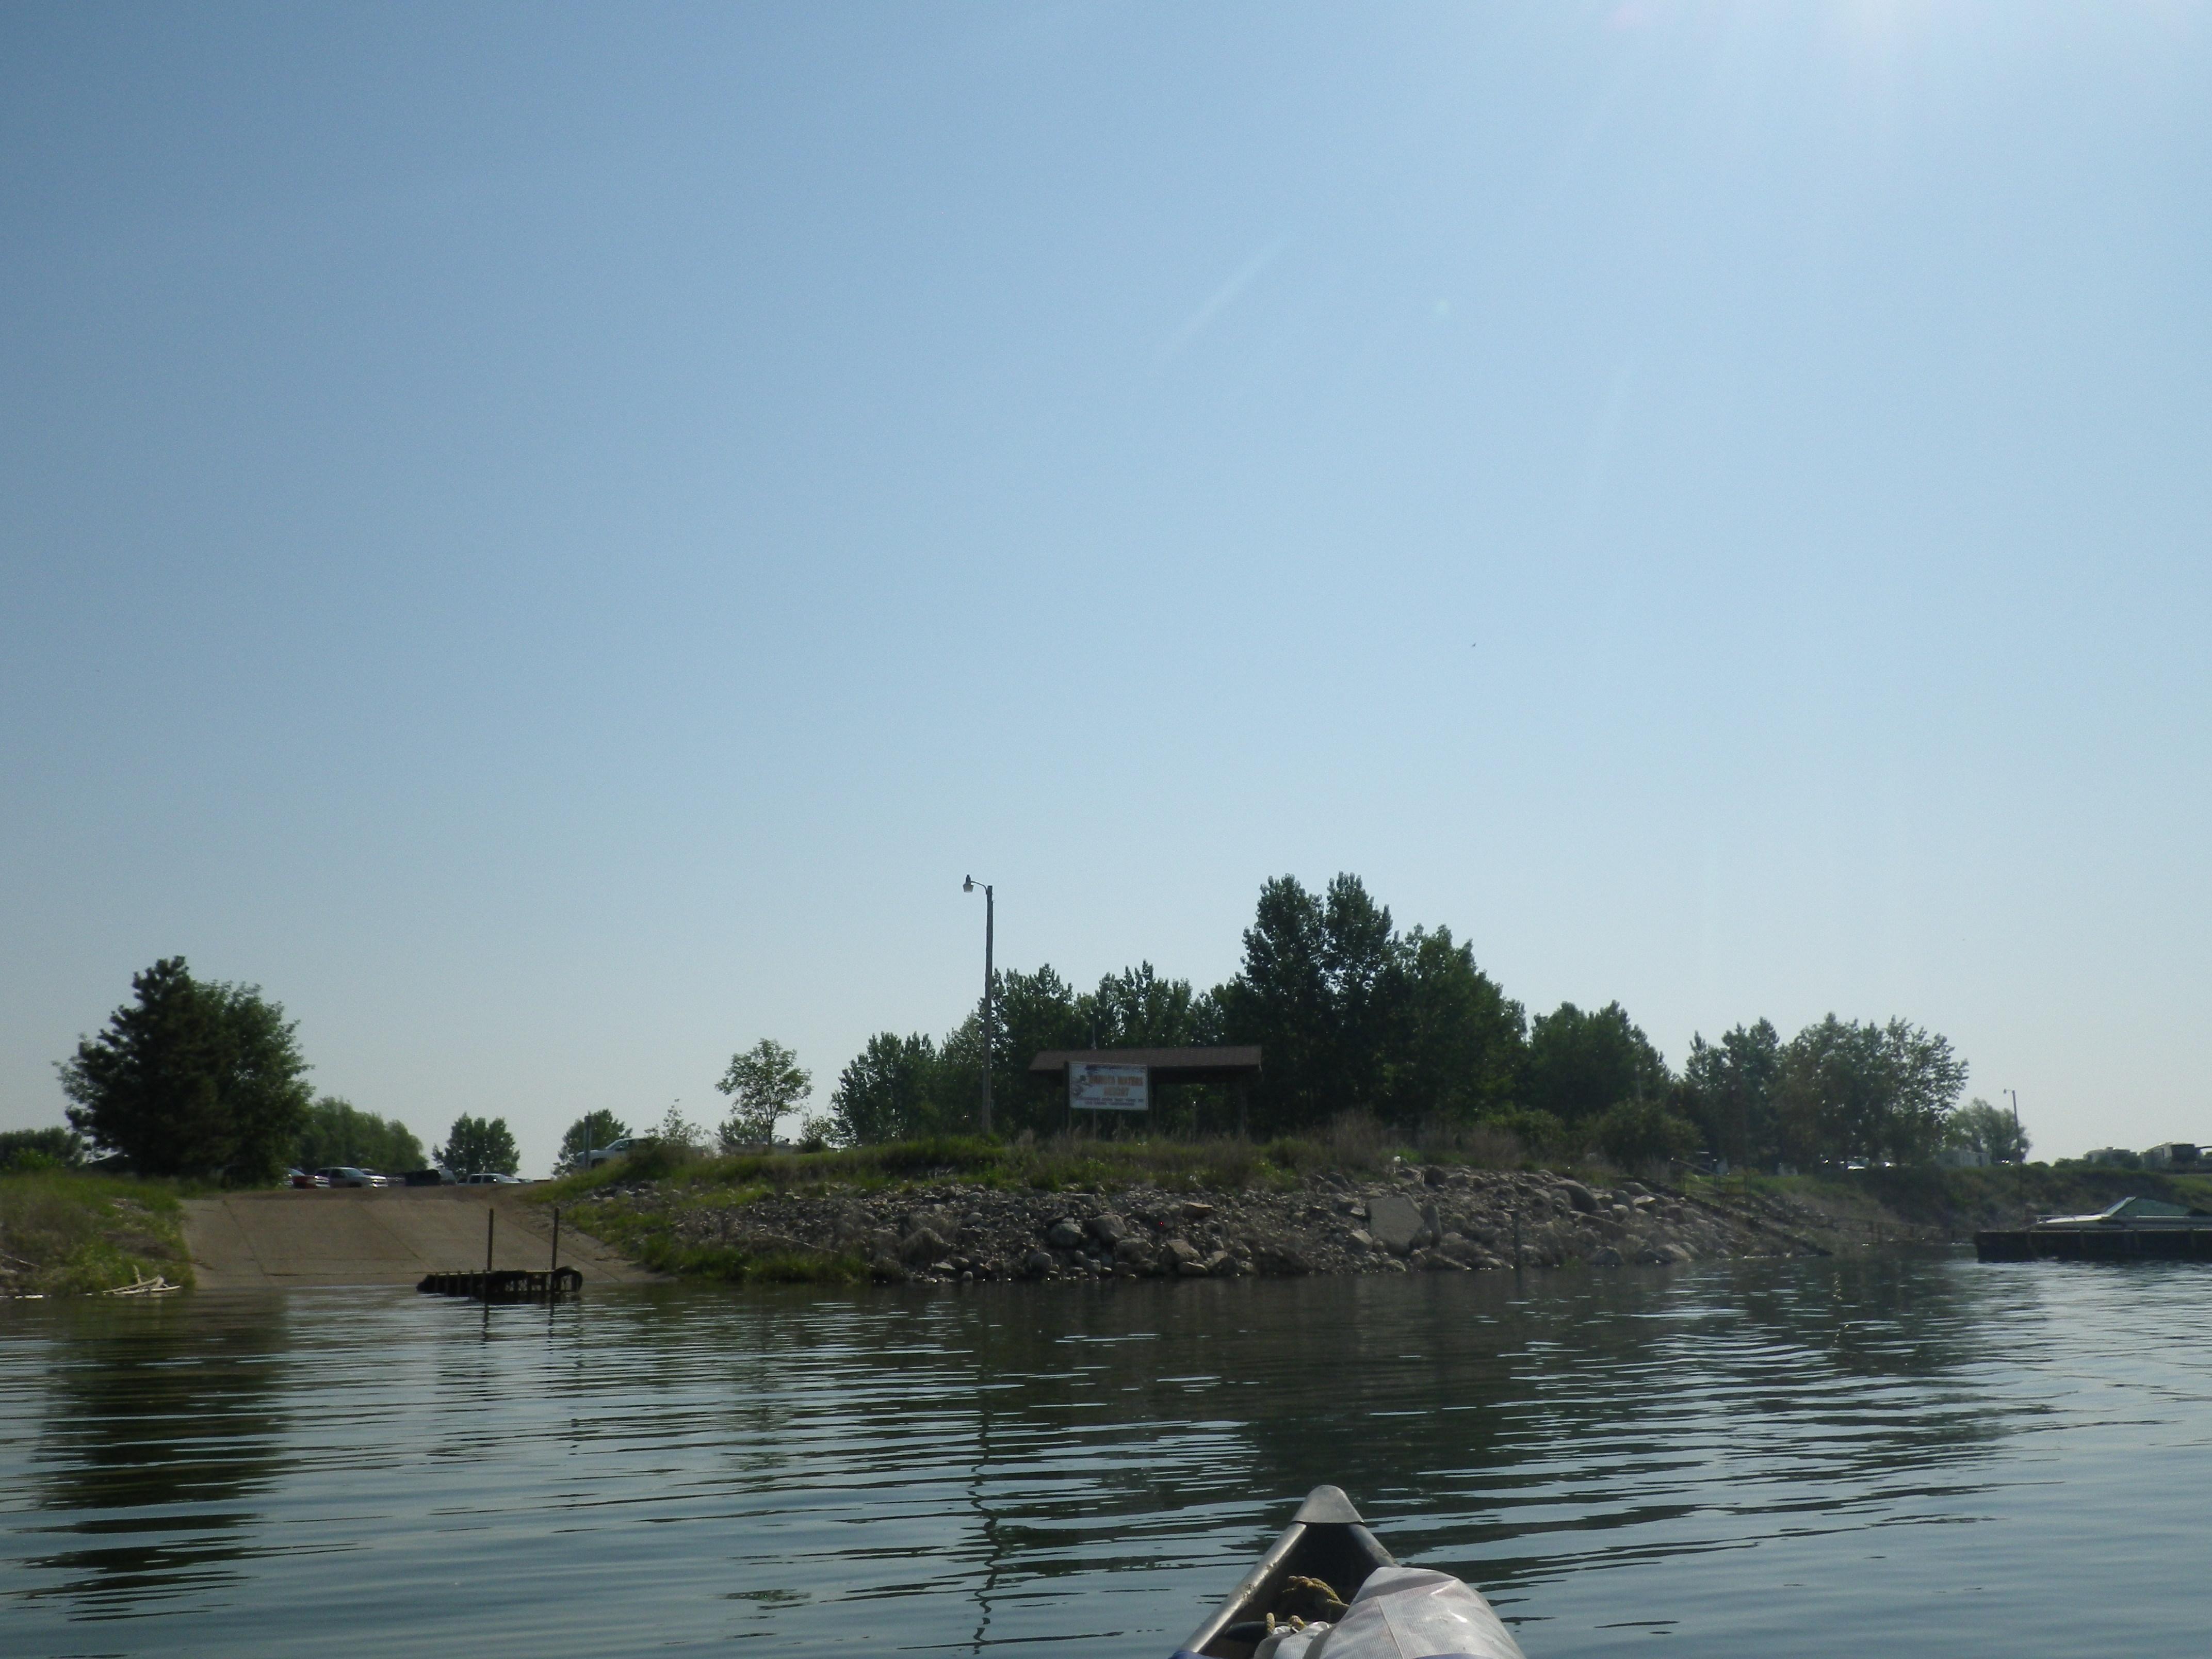 Lake sakakawea renamed lake black cat canoe voyage for Lake sakakawea fishing